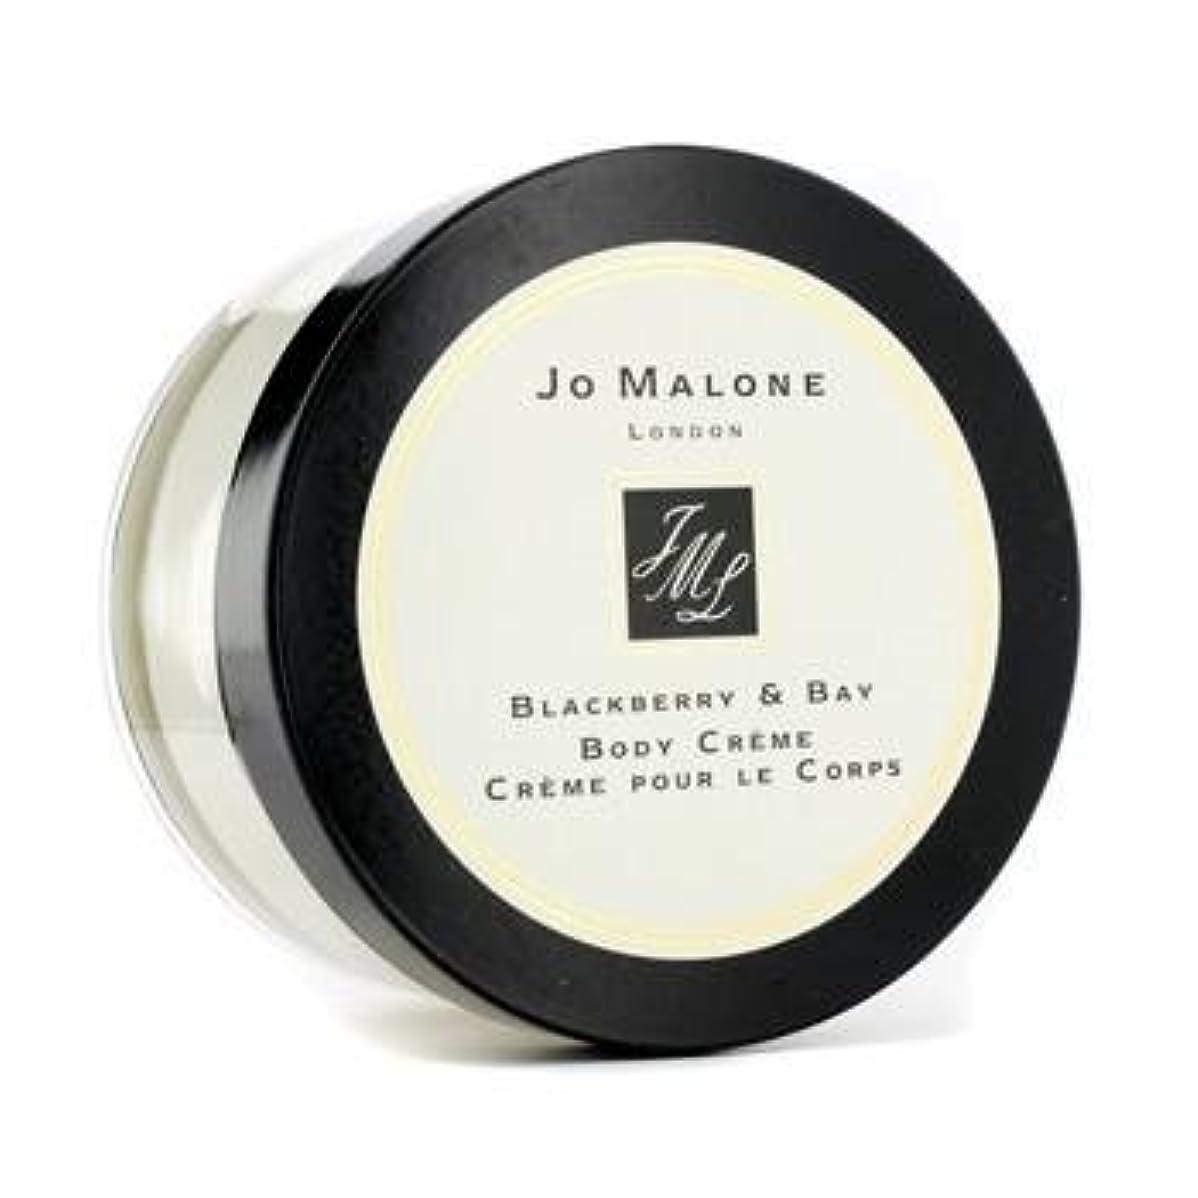 宴会主導権いくつかのJO MALONE ジョー マローン ブラックベリー & ベイ ボディクリーム 175ml [並行輸入品]